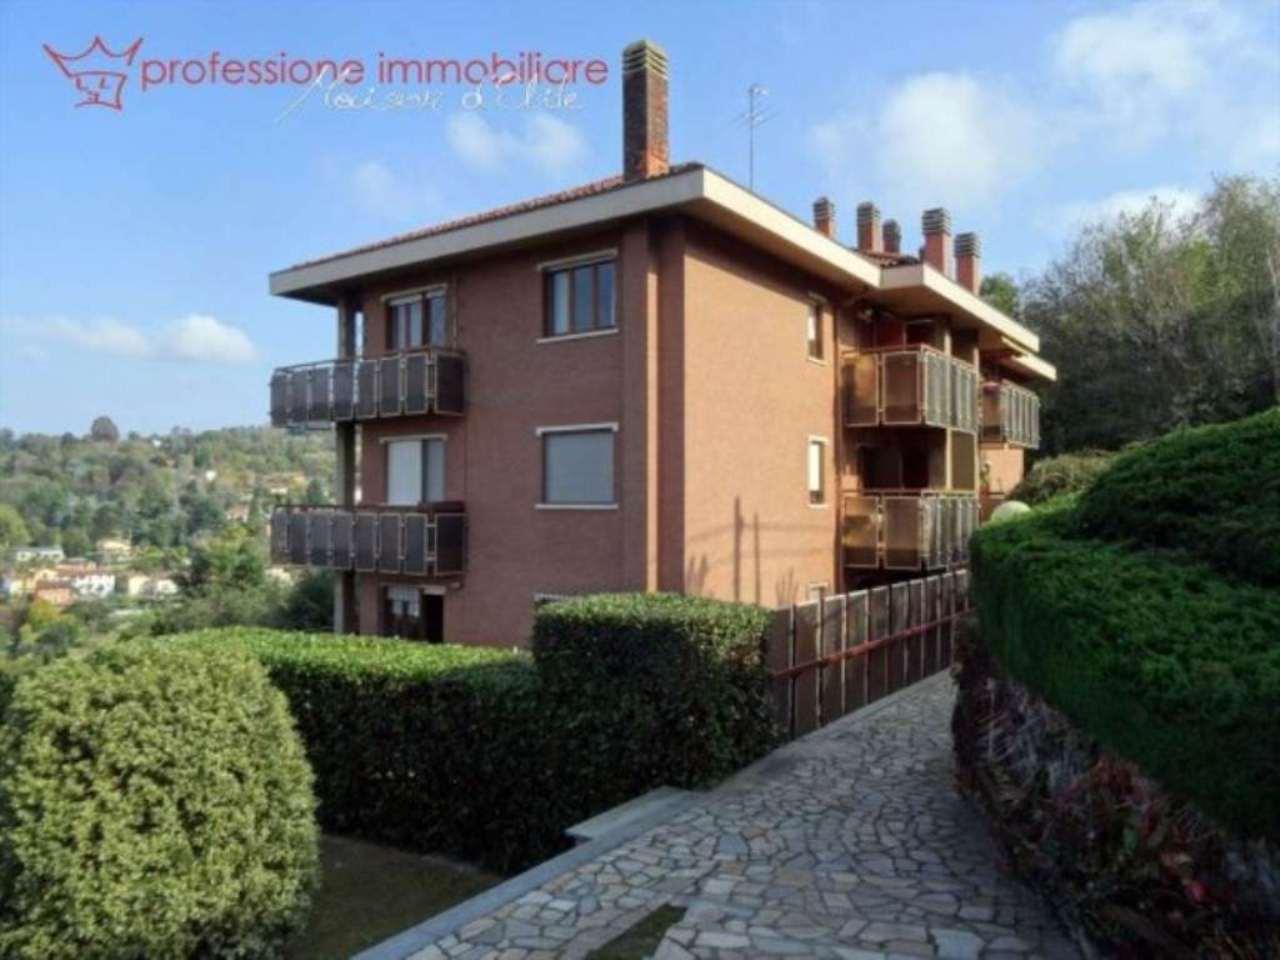 Appartamento in vendita Zona Precollina, Collina - strada della Creusa Torino